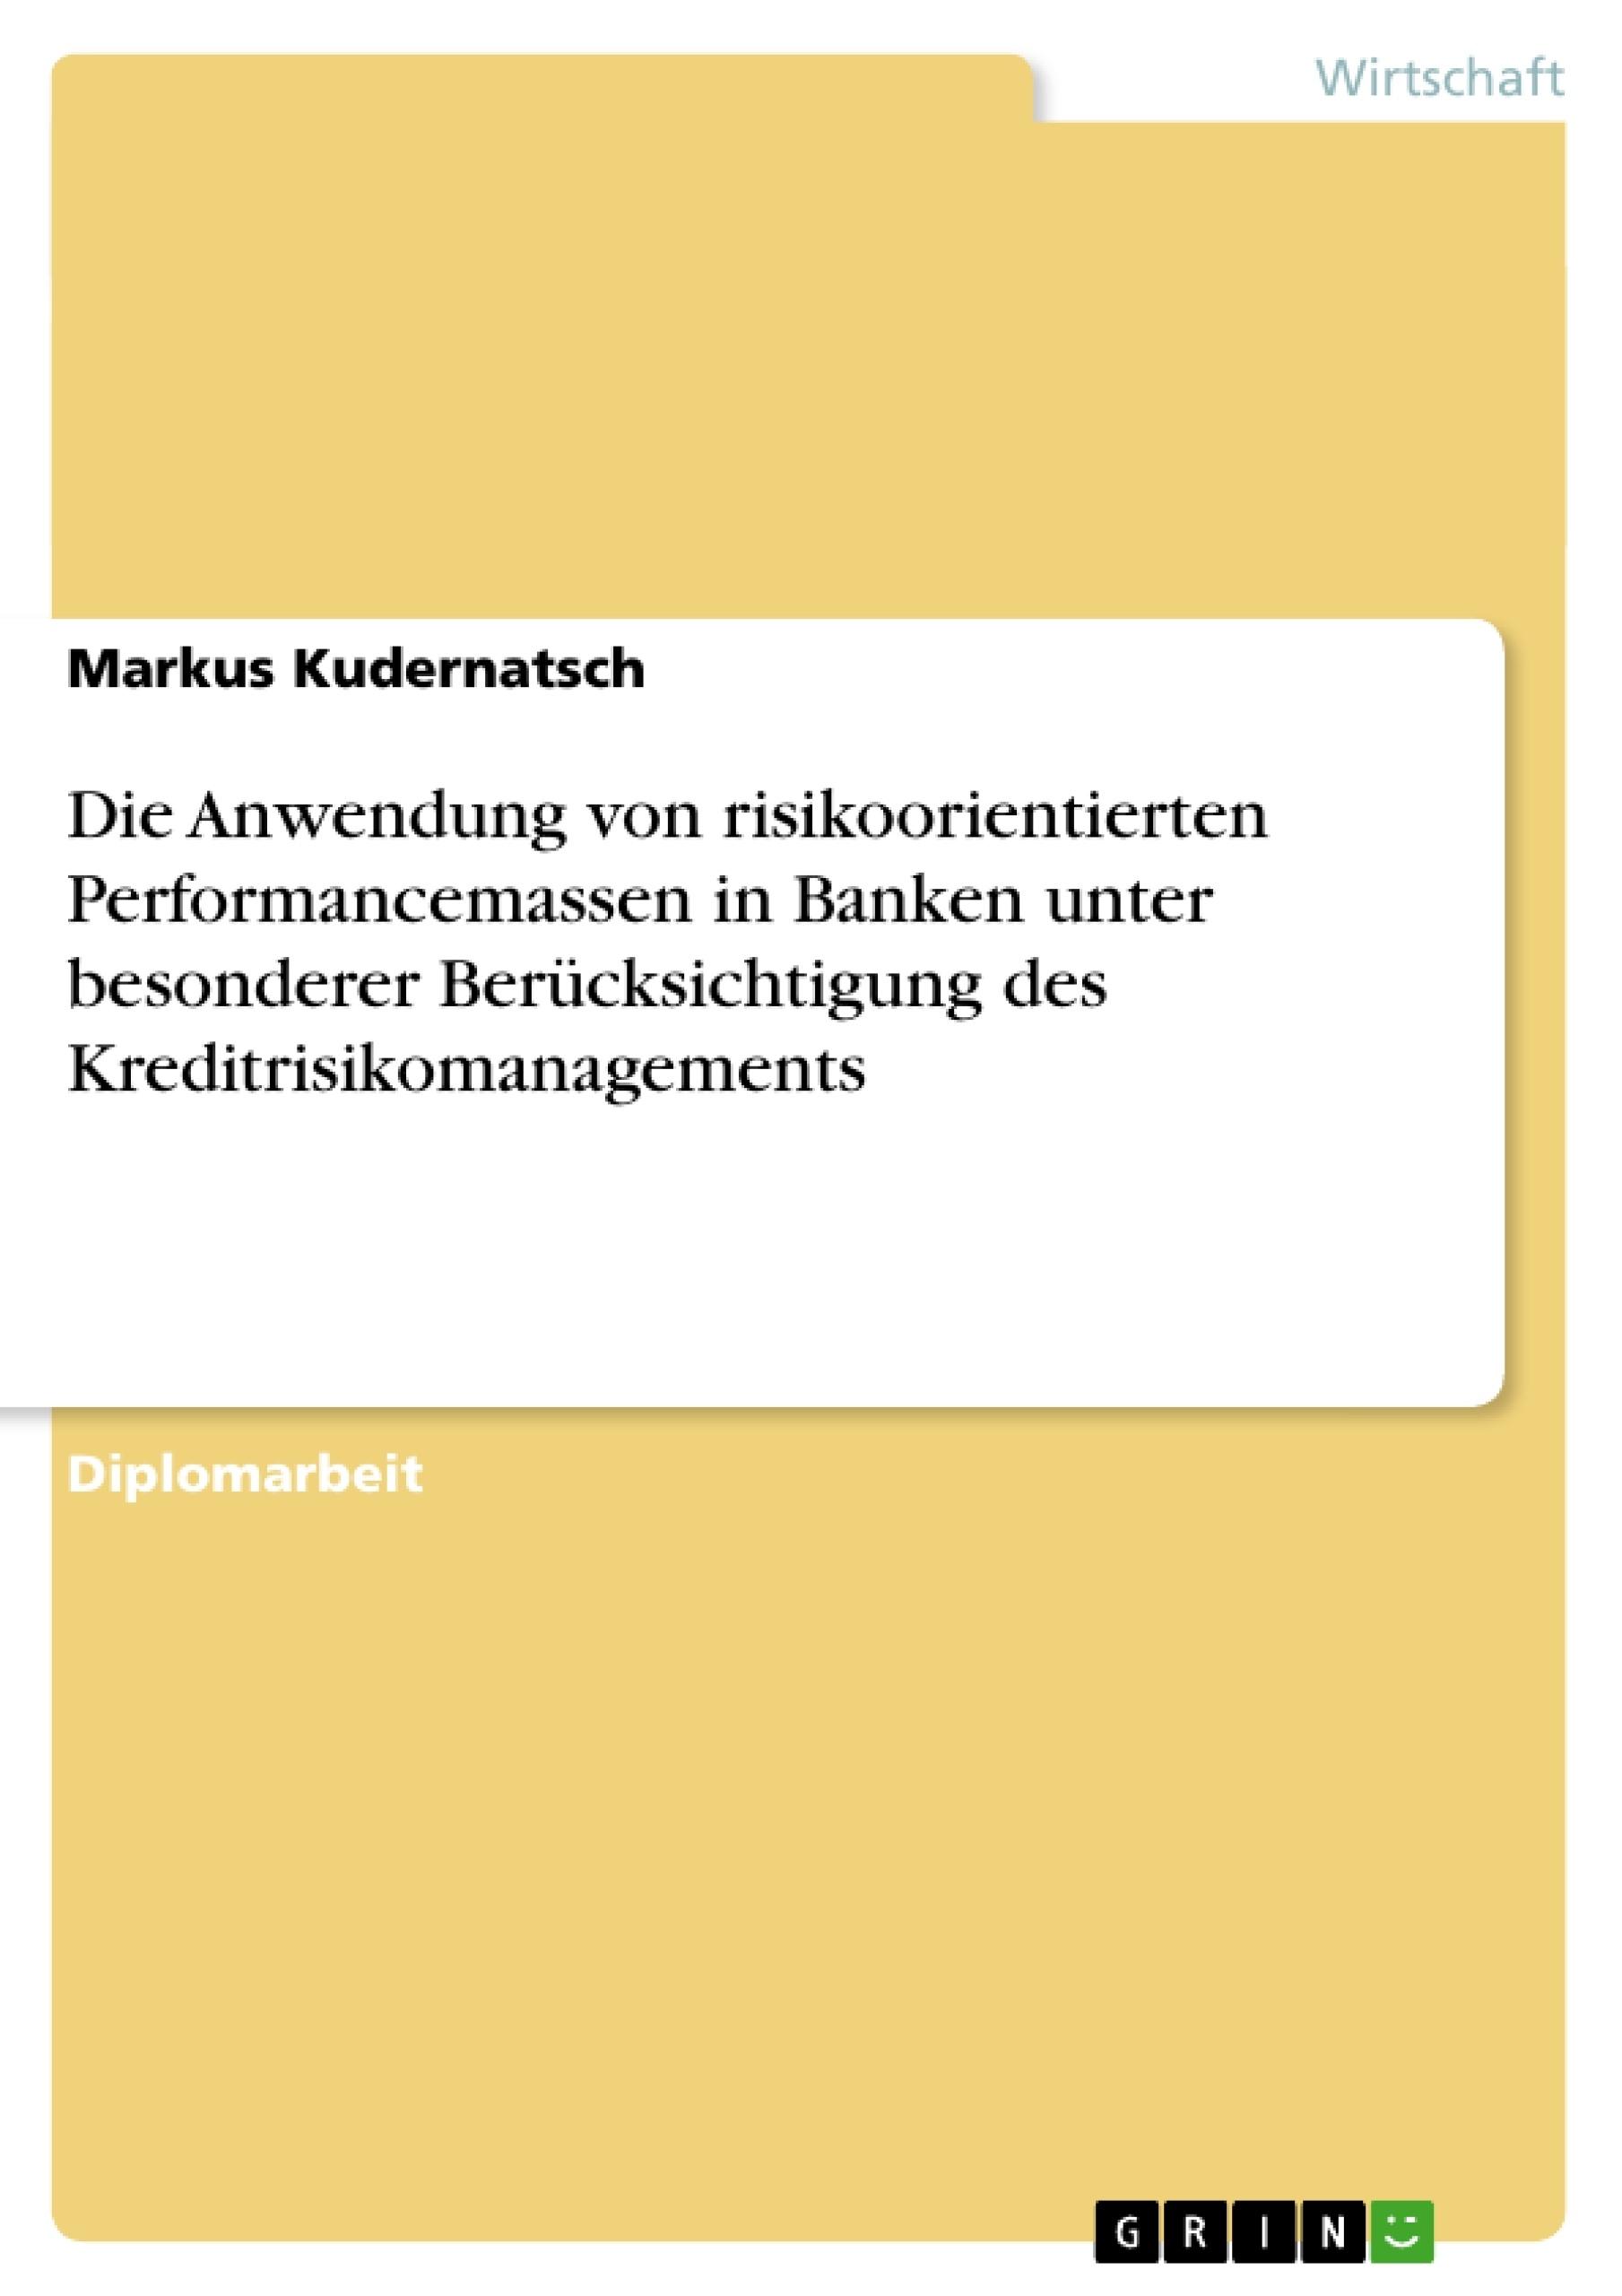 Titel: Die Anwendung von risikoorientierten Performancemassen in Banken unter besonderer Berücksichtigung des Kreditrisikomanagements